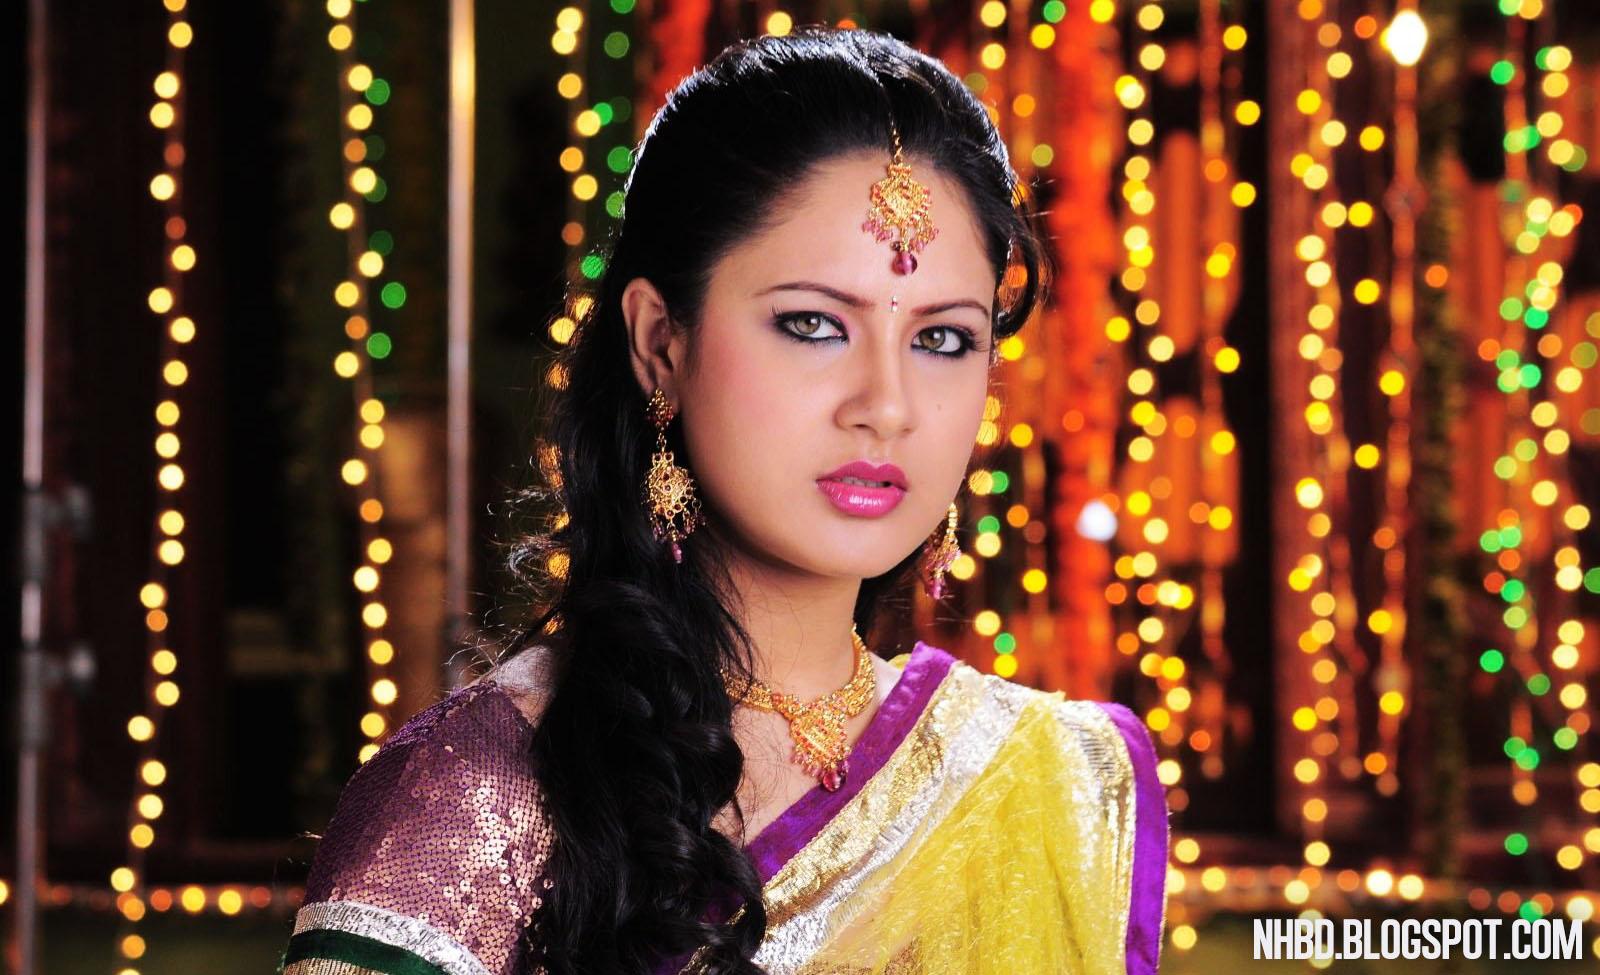 Cute Pooja Bose Kolkata Bangla Movie Actress New Sey Image